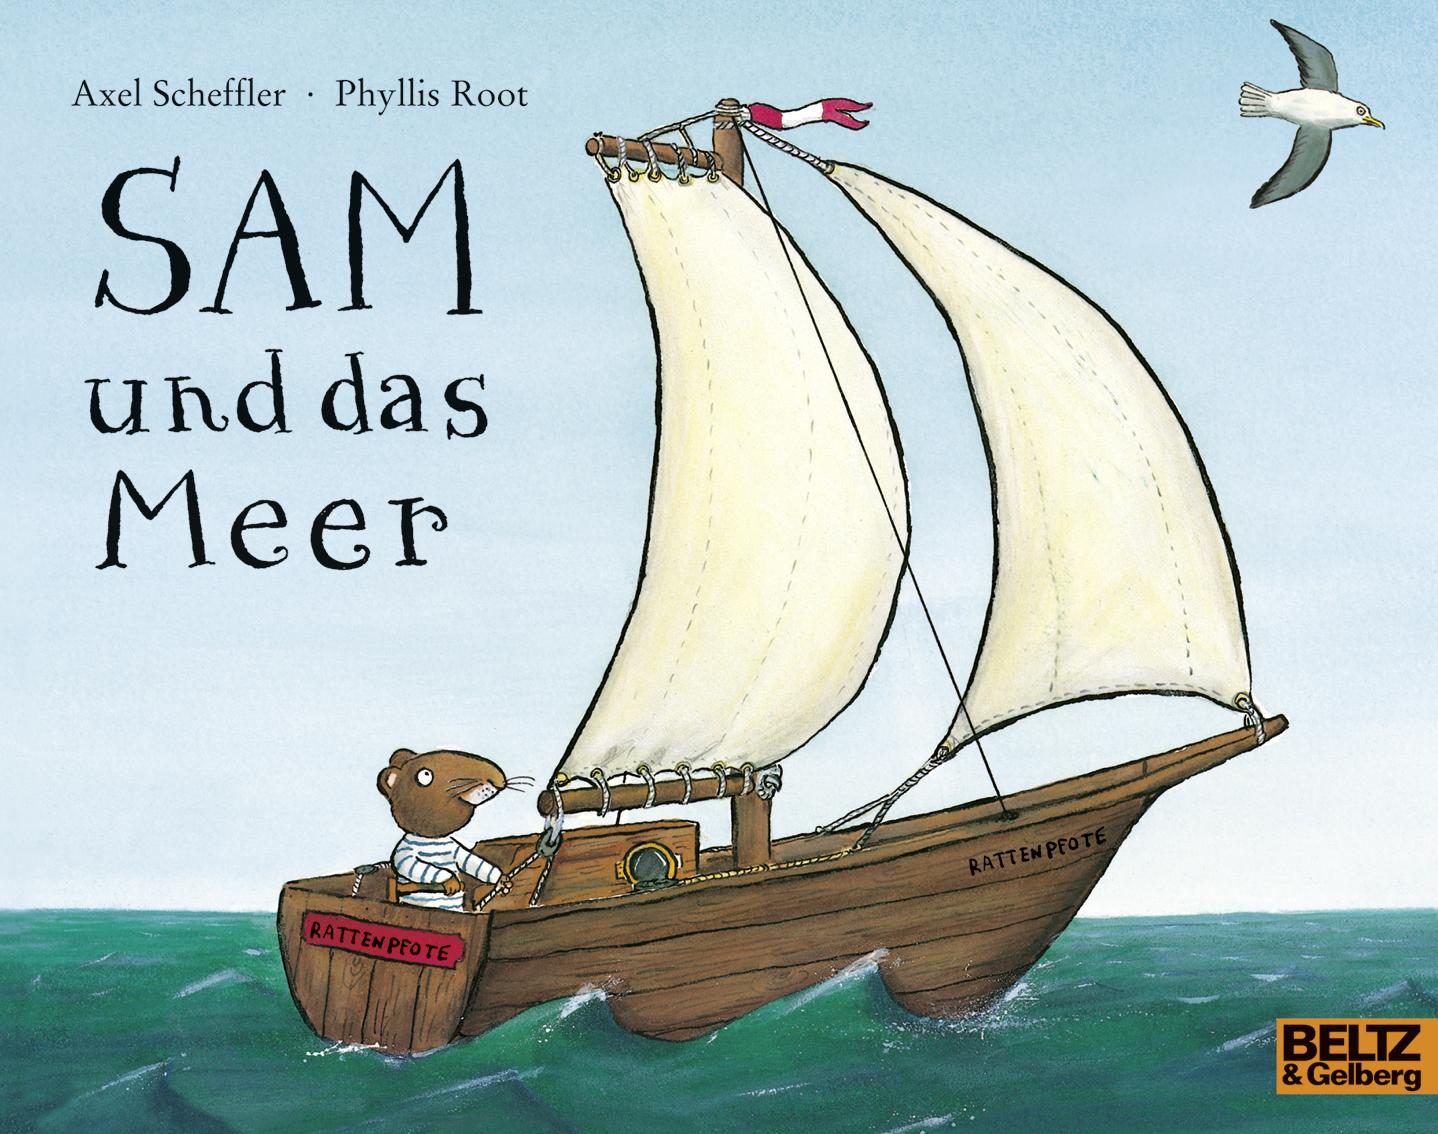 Sam und das Meer - Bilderbuch - Axel Scheffler, Phyllis Root | BELTZ